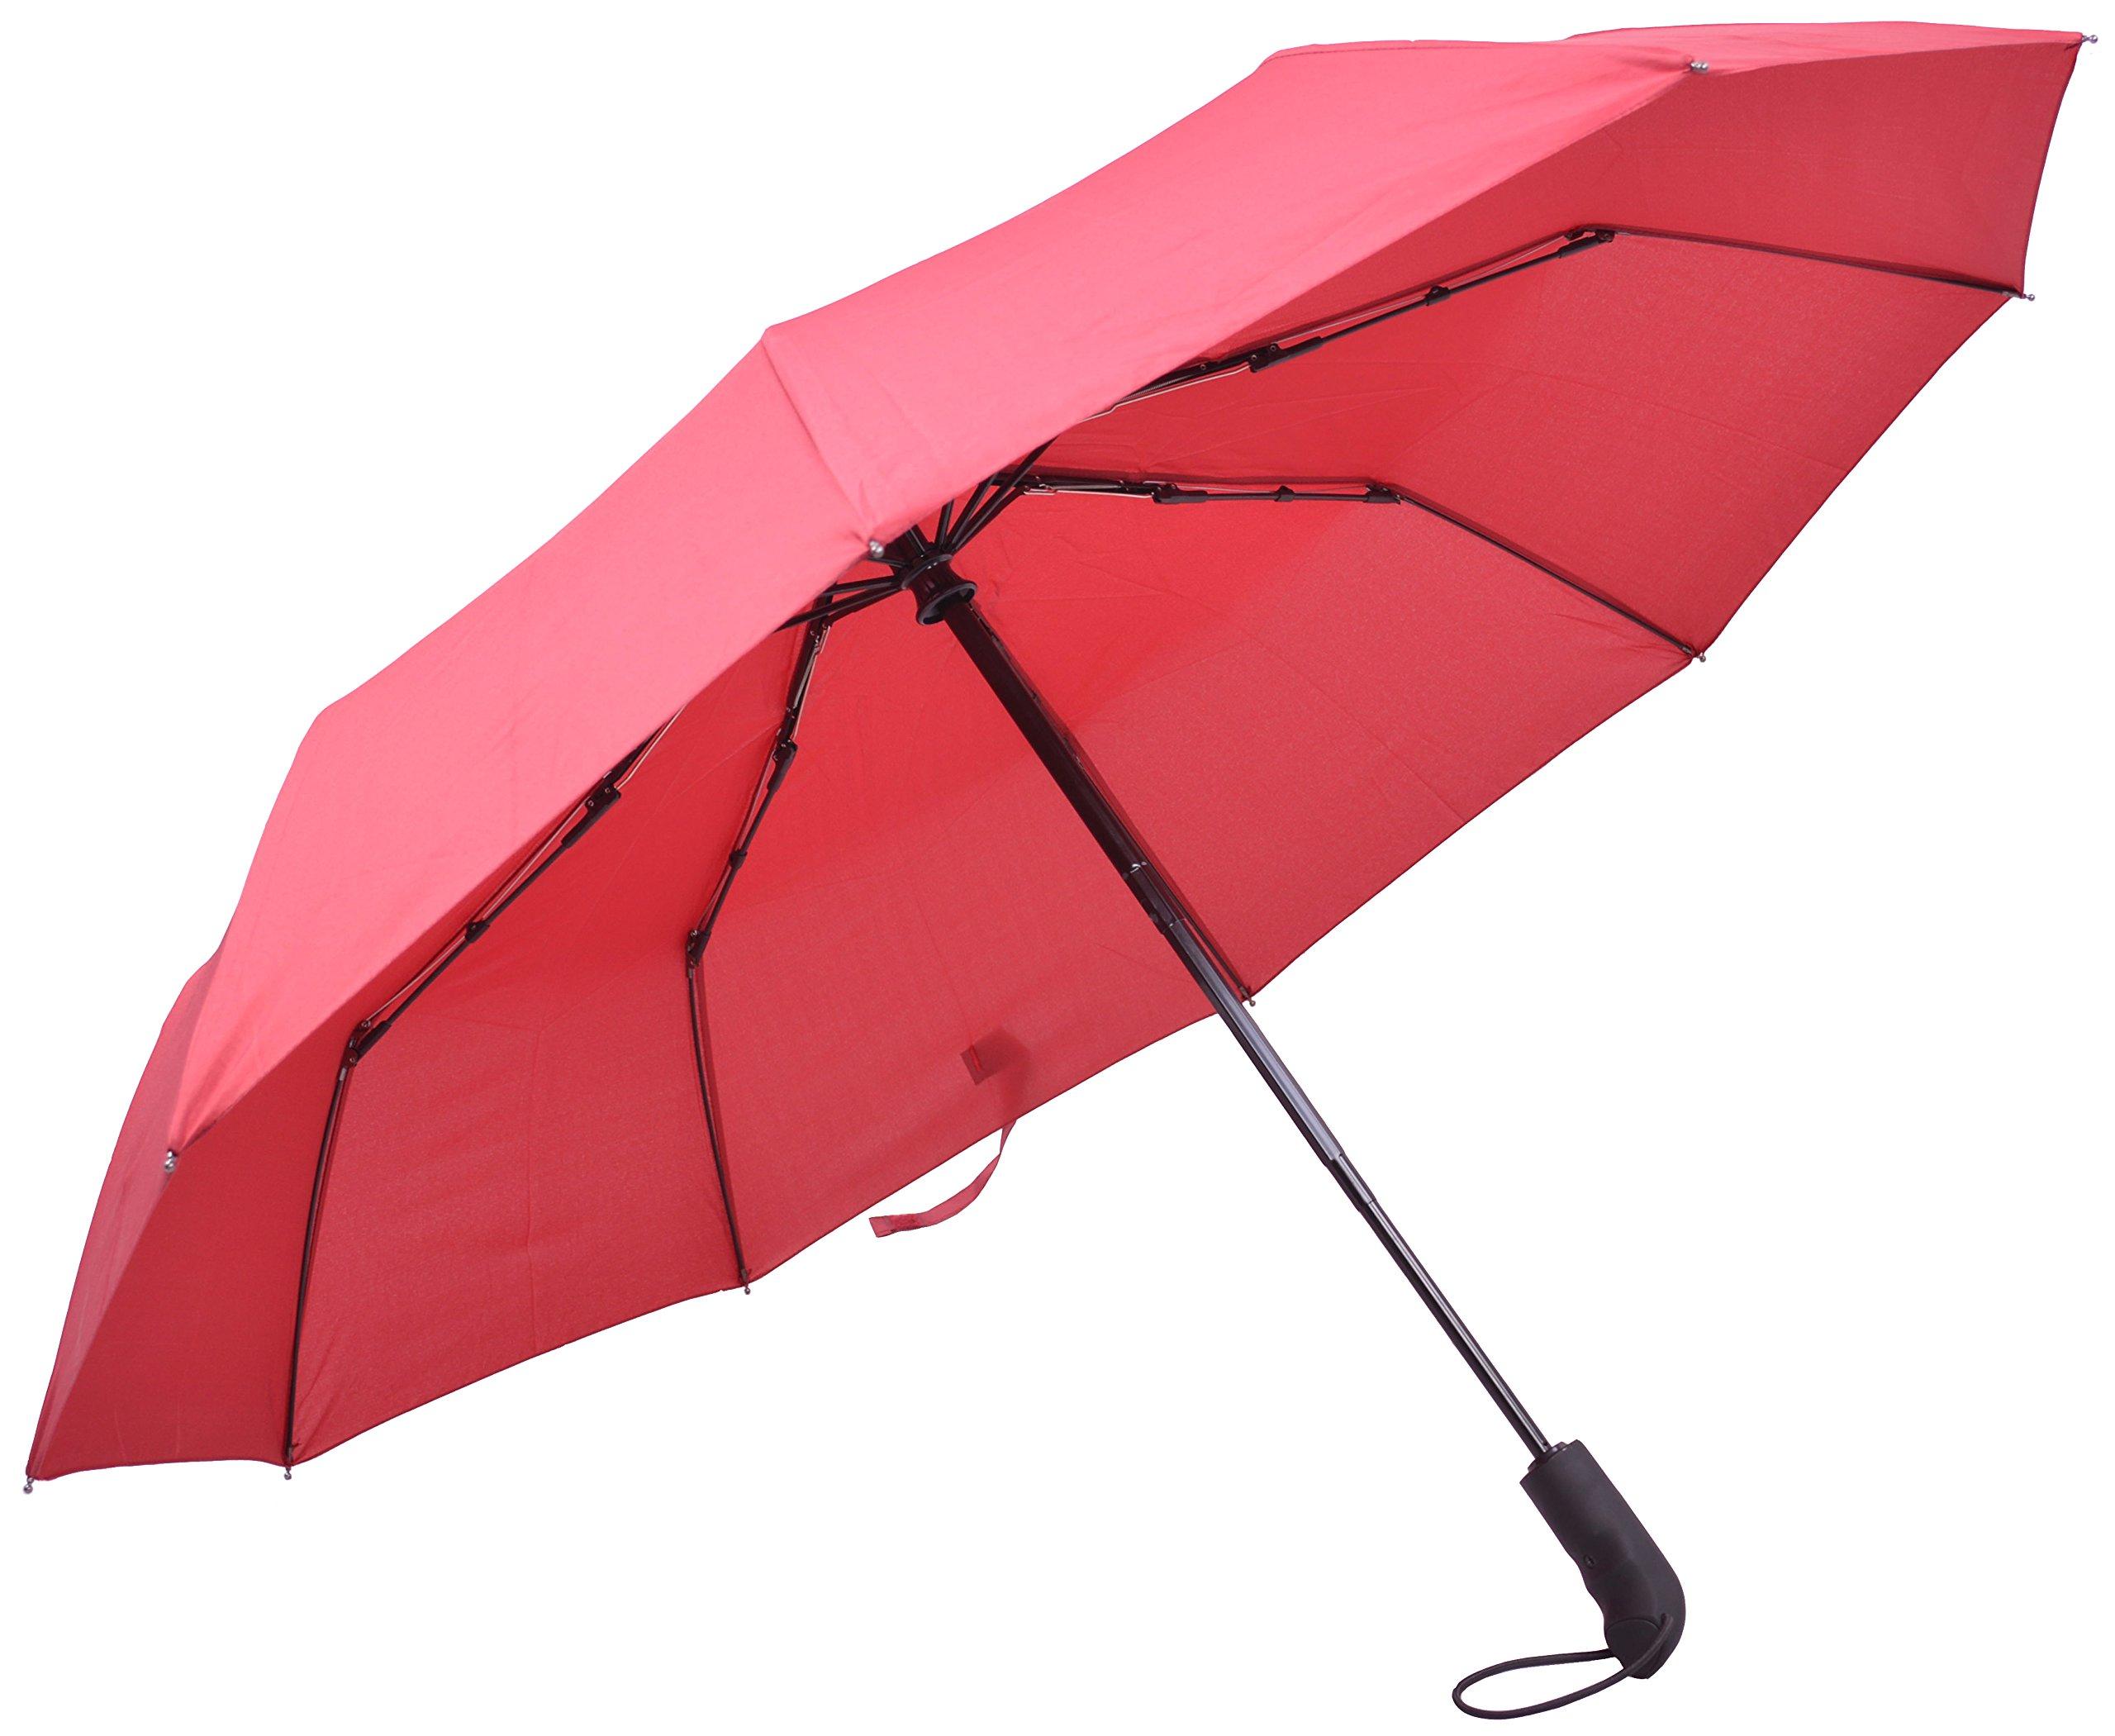 TONBIONVIS Windproof Travel Compact Umbrella (Red)